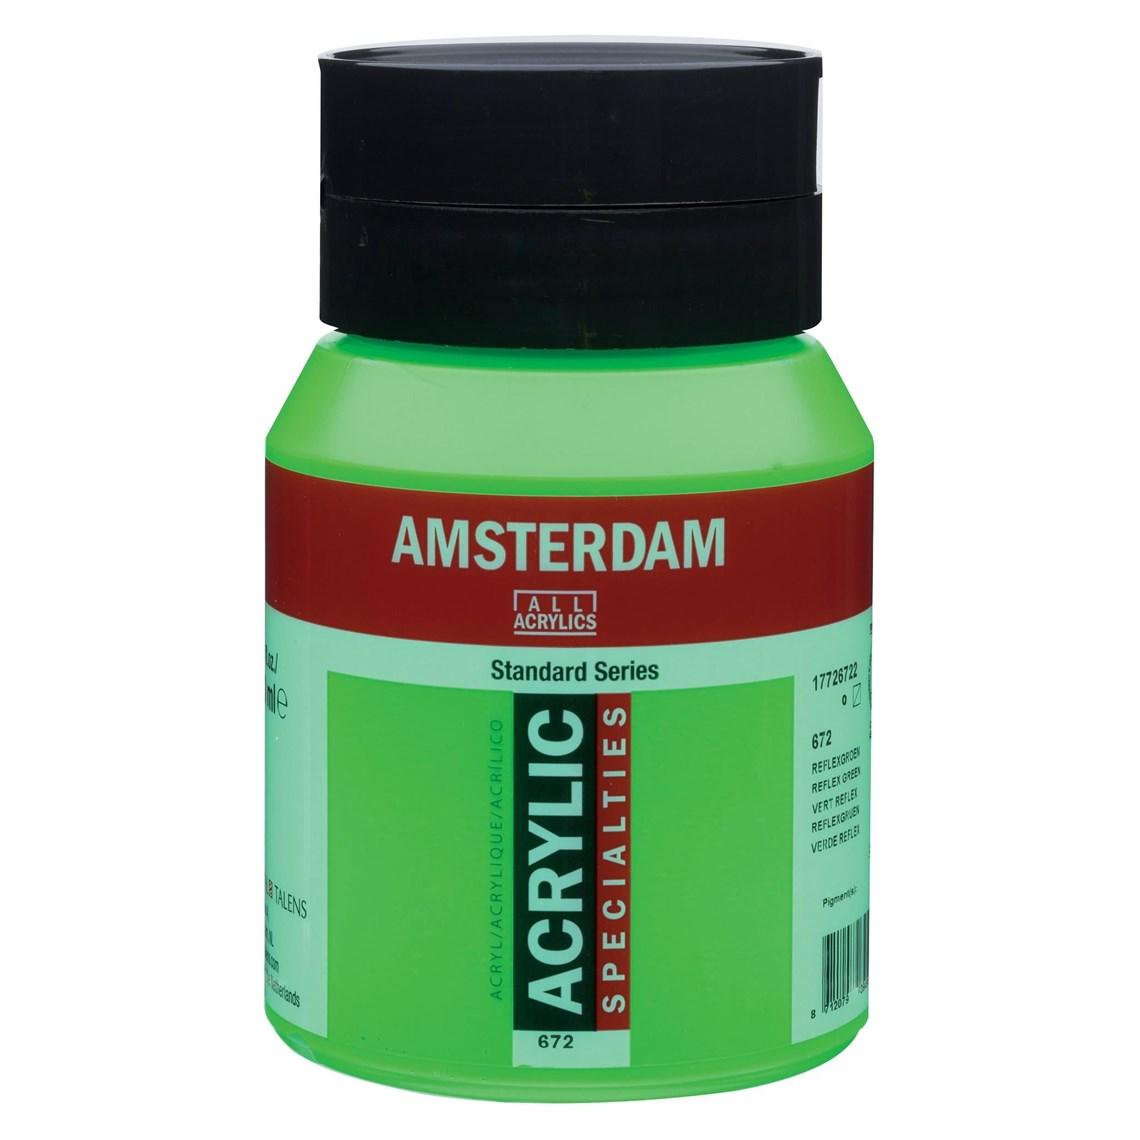 Amsterdam Acryl Reflexgroen 672 specialties Angelart Kunst en zo